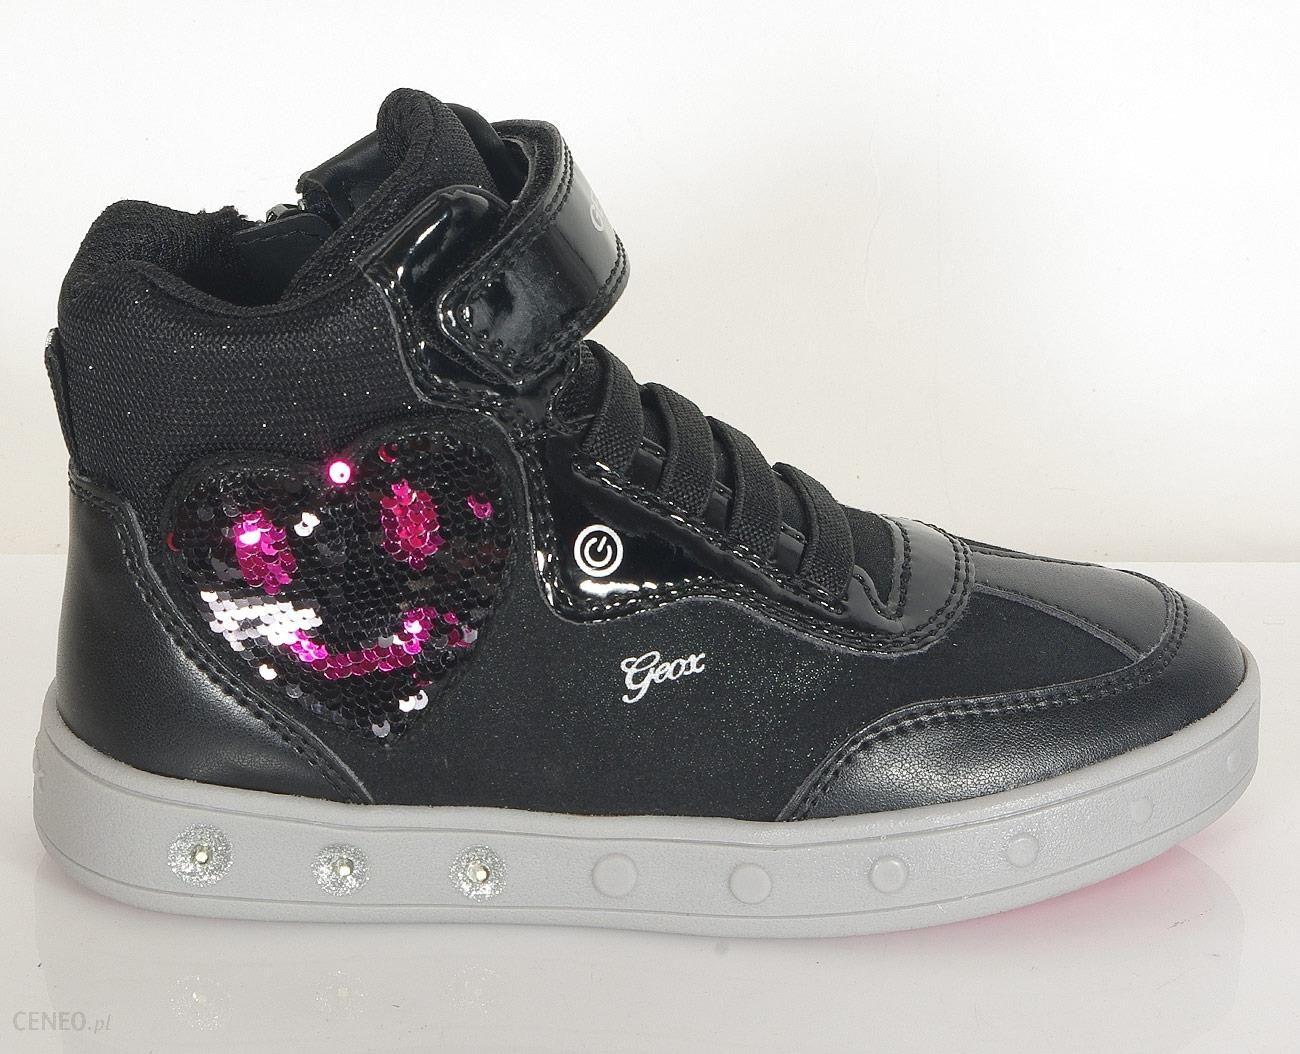 Geox Skylin sneakers girl blackfuchsia